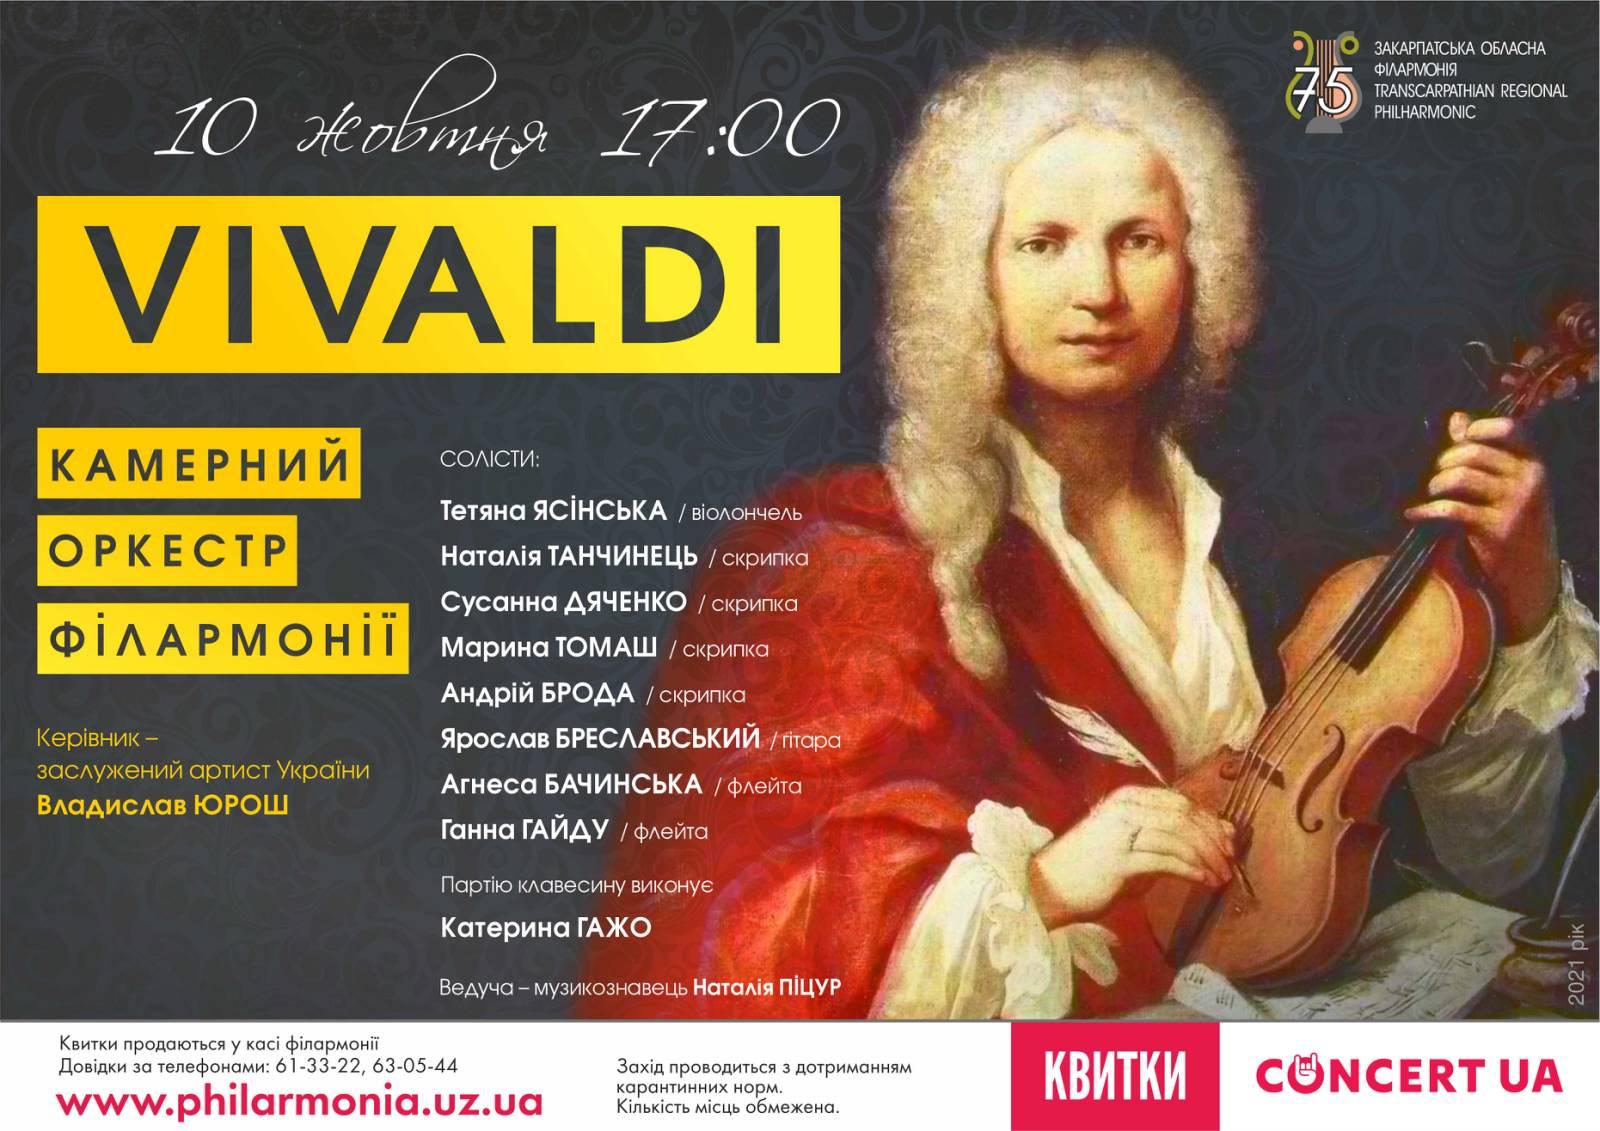 У виконанні камерного оркестру Закарпатської філармонії звучатимуть твори Вівальді